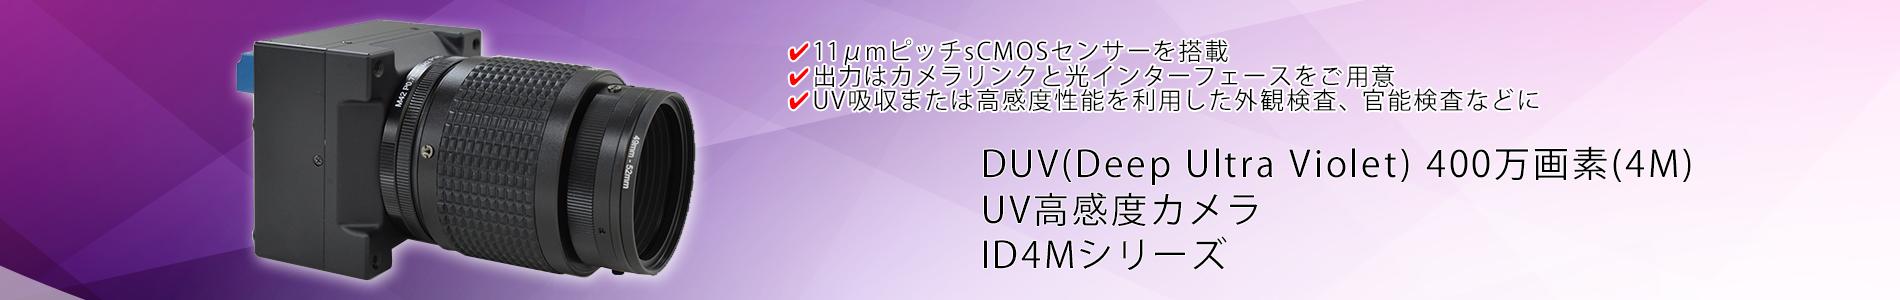 UVカメラ,紫外線カメラ